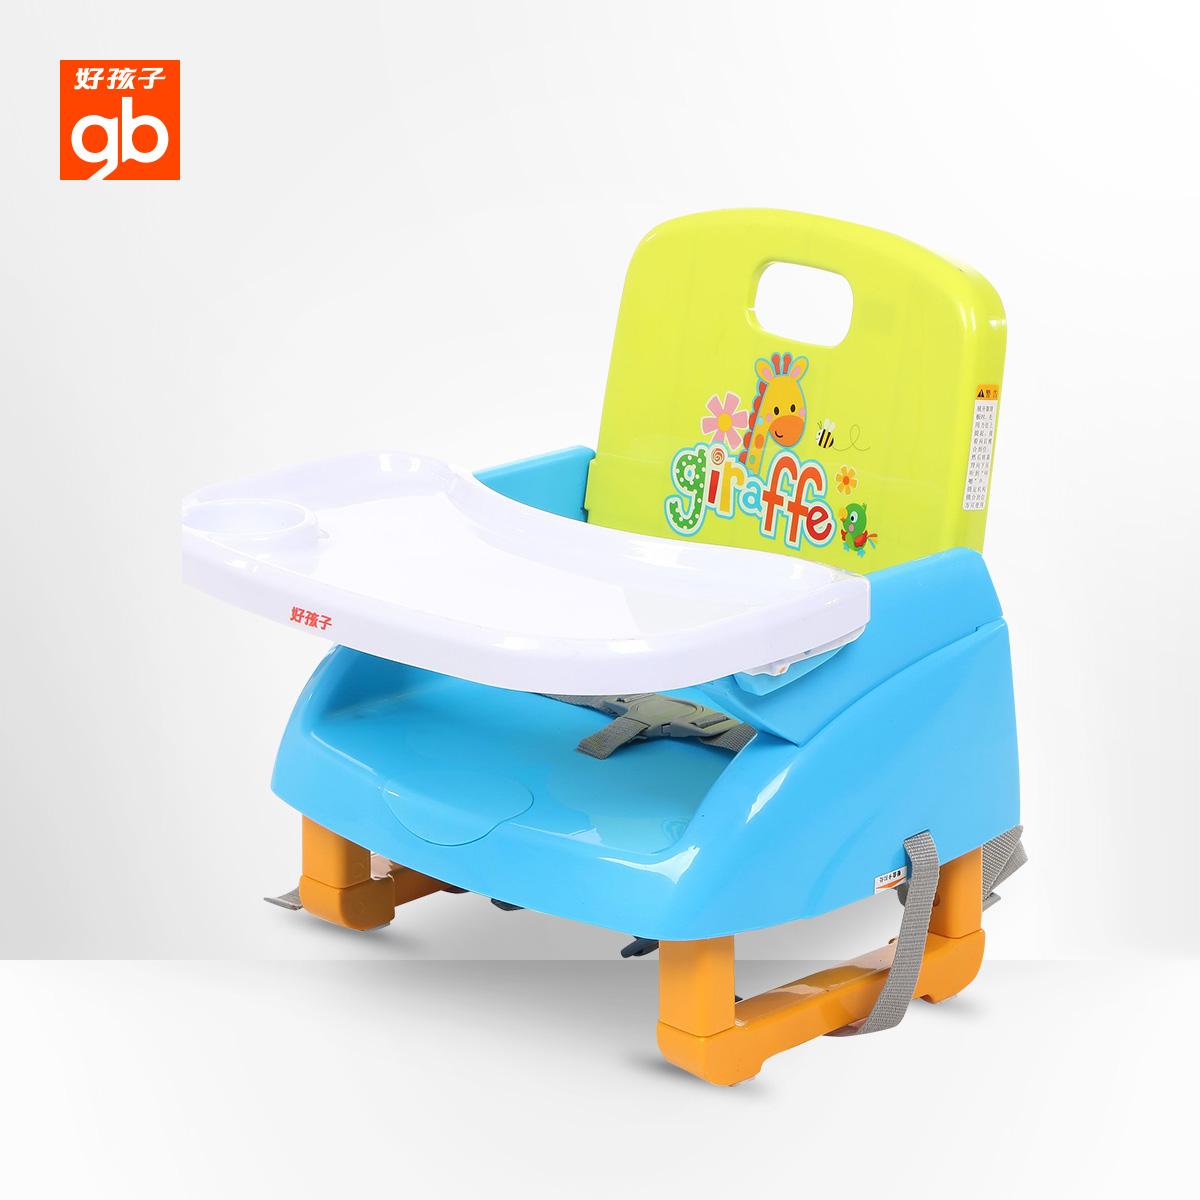 好孩子儿童餐椅